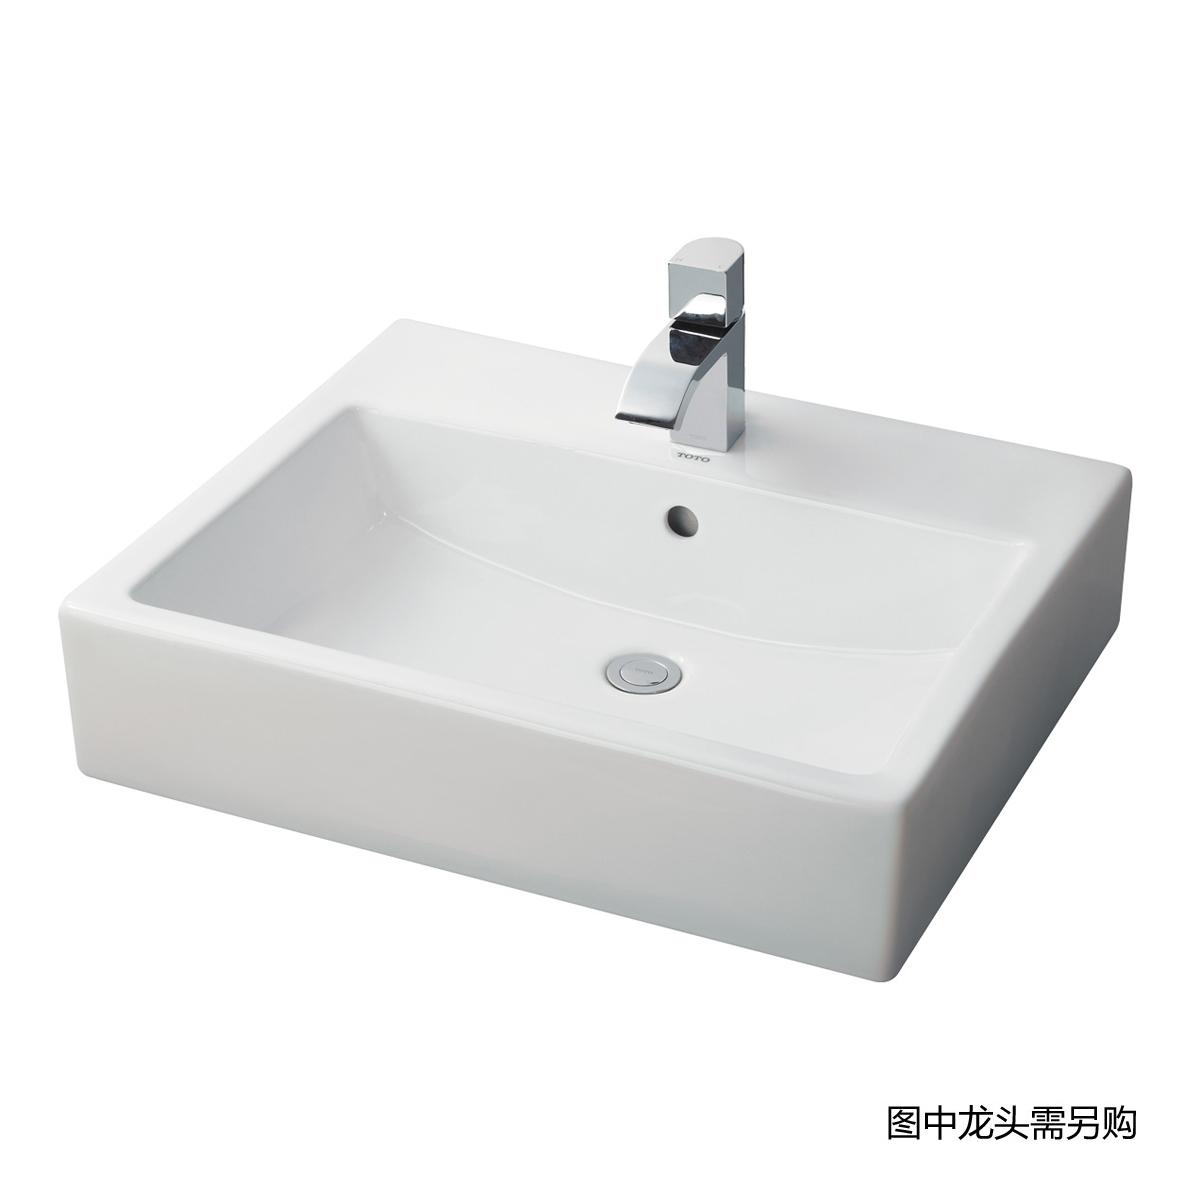 桌上式洗脸盆 LW711RCB